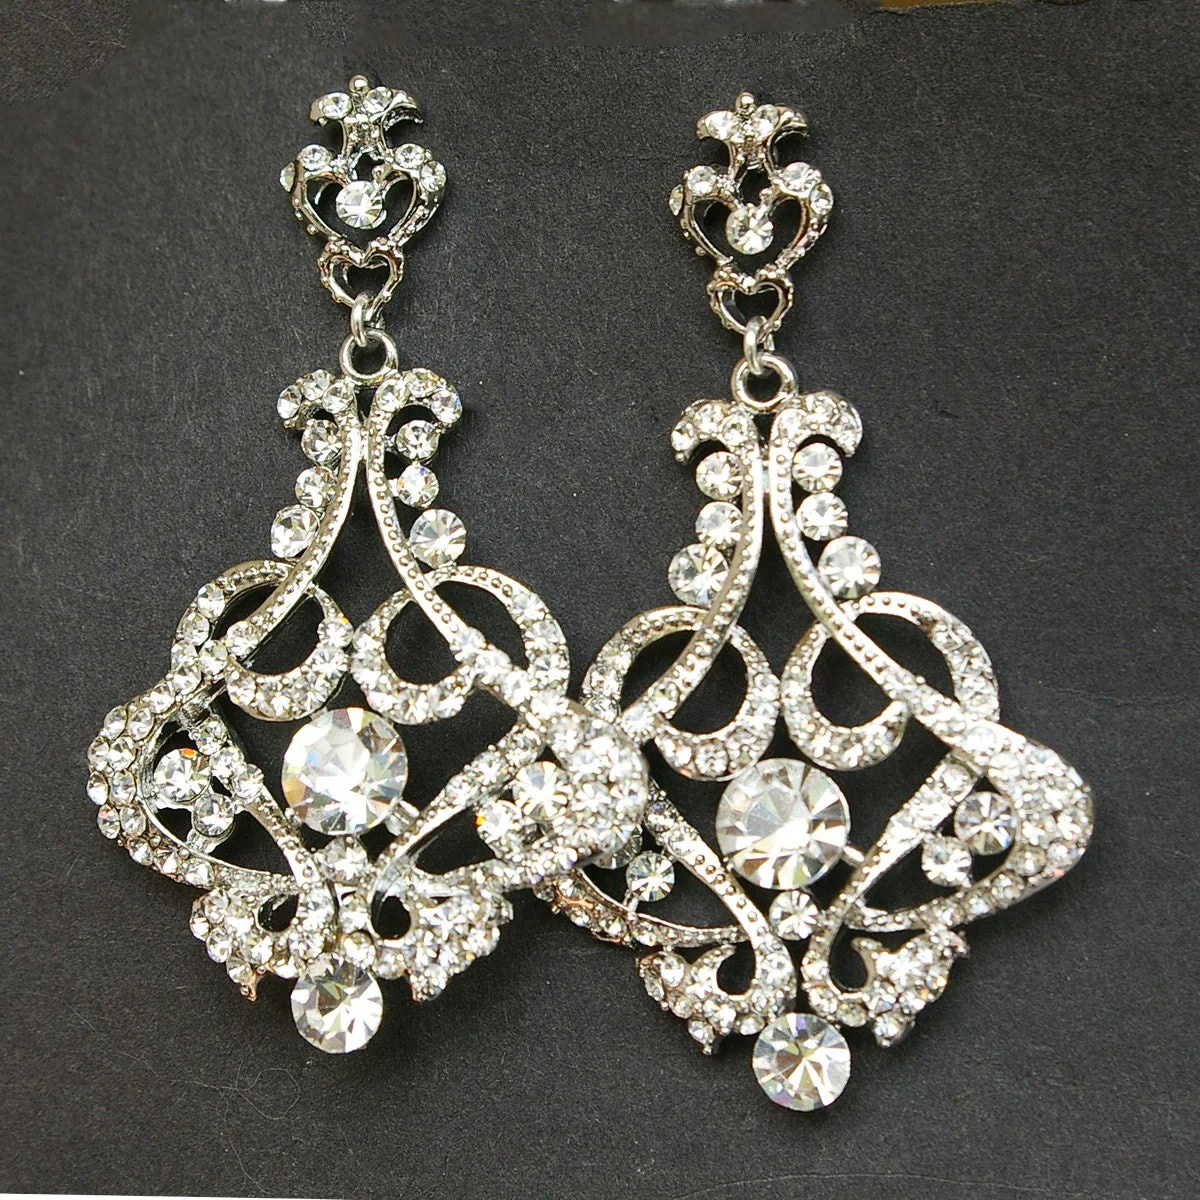 Crystal Chandelier Bridal Earrings Vintage Wedding Earrings